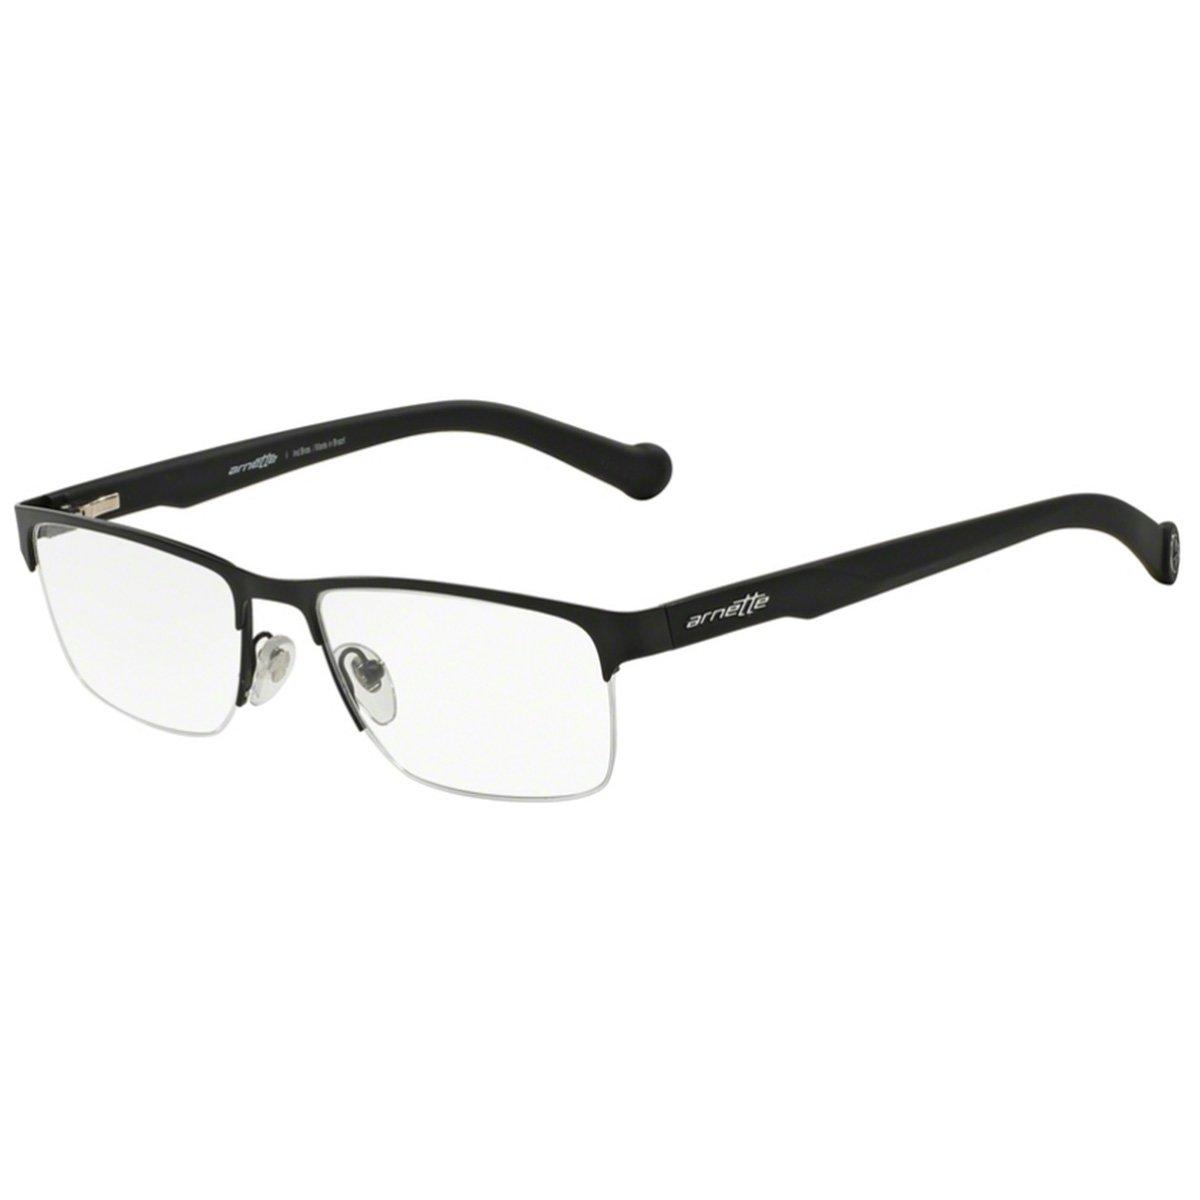 Compre Óculos de Grau Arnette em 10X   Tri-Jóia Shop 3685560b67